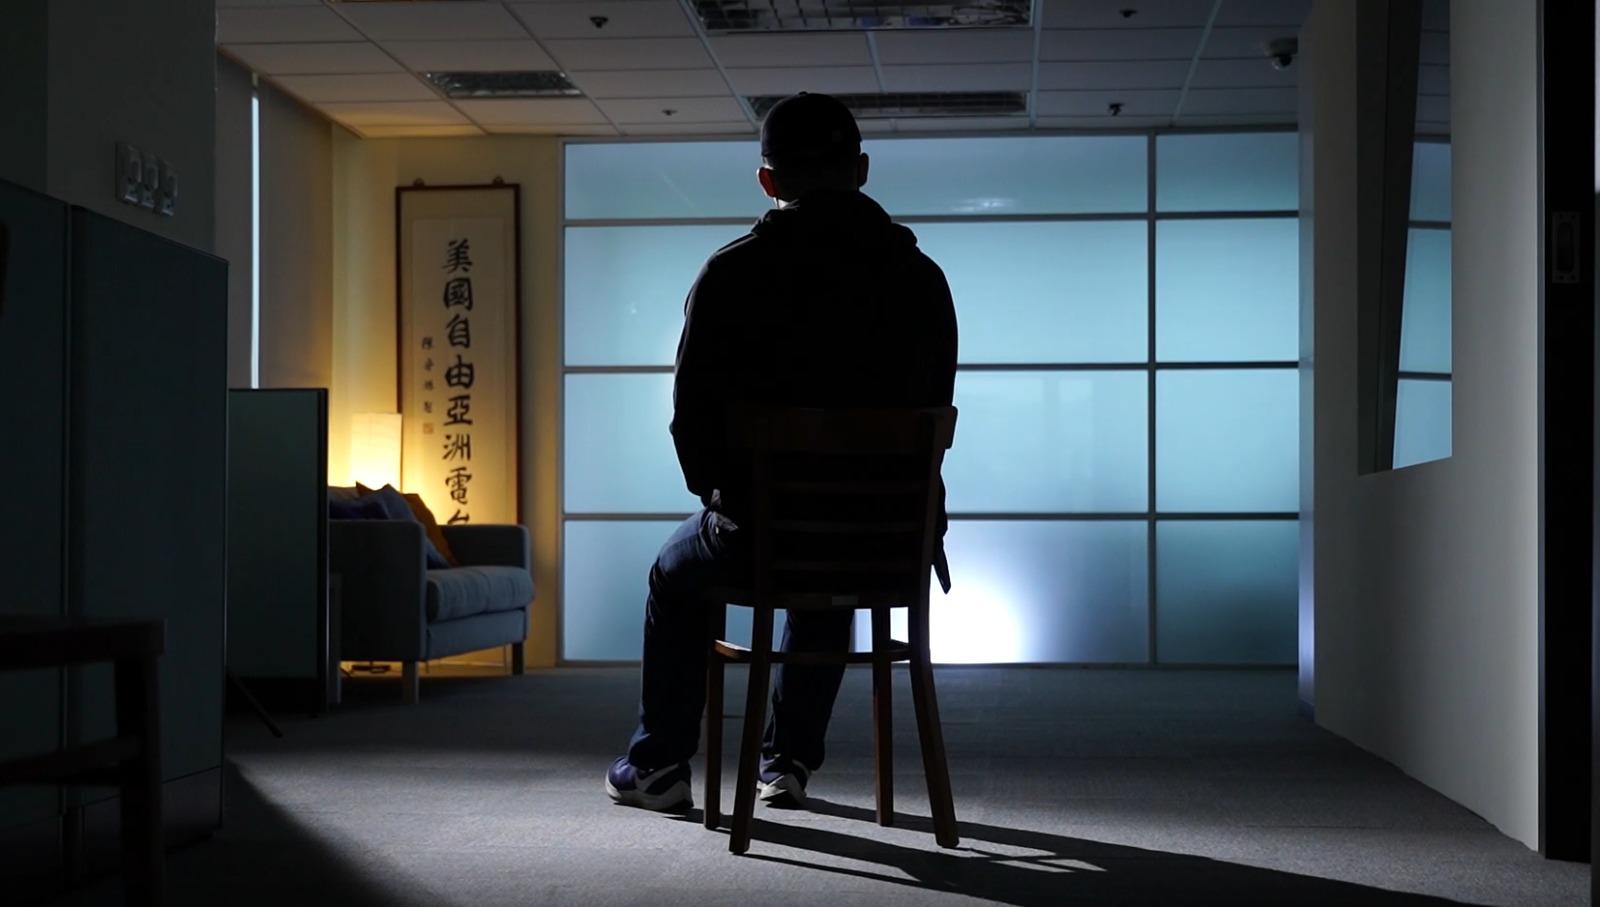 """本来在香港就读大学二年级的Mike,从去年6月9日反送中运动爆发起,就一直走在勇武抗争的最前线。去年7月1日佔领立法会后,他被逼流亡台湾。带着""""逃兵""""的内疚和自责,他患上了创伤后遗症(PTSD),要吃药控制情绪。(李宗翰摄)"""